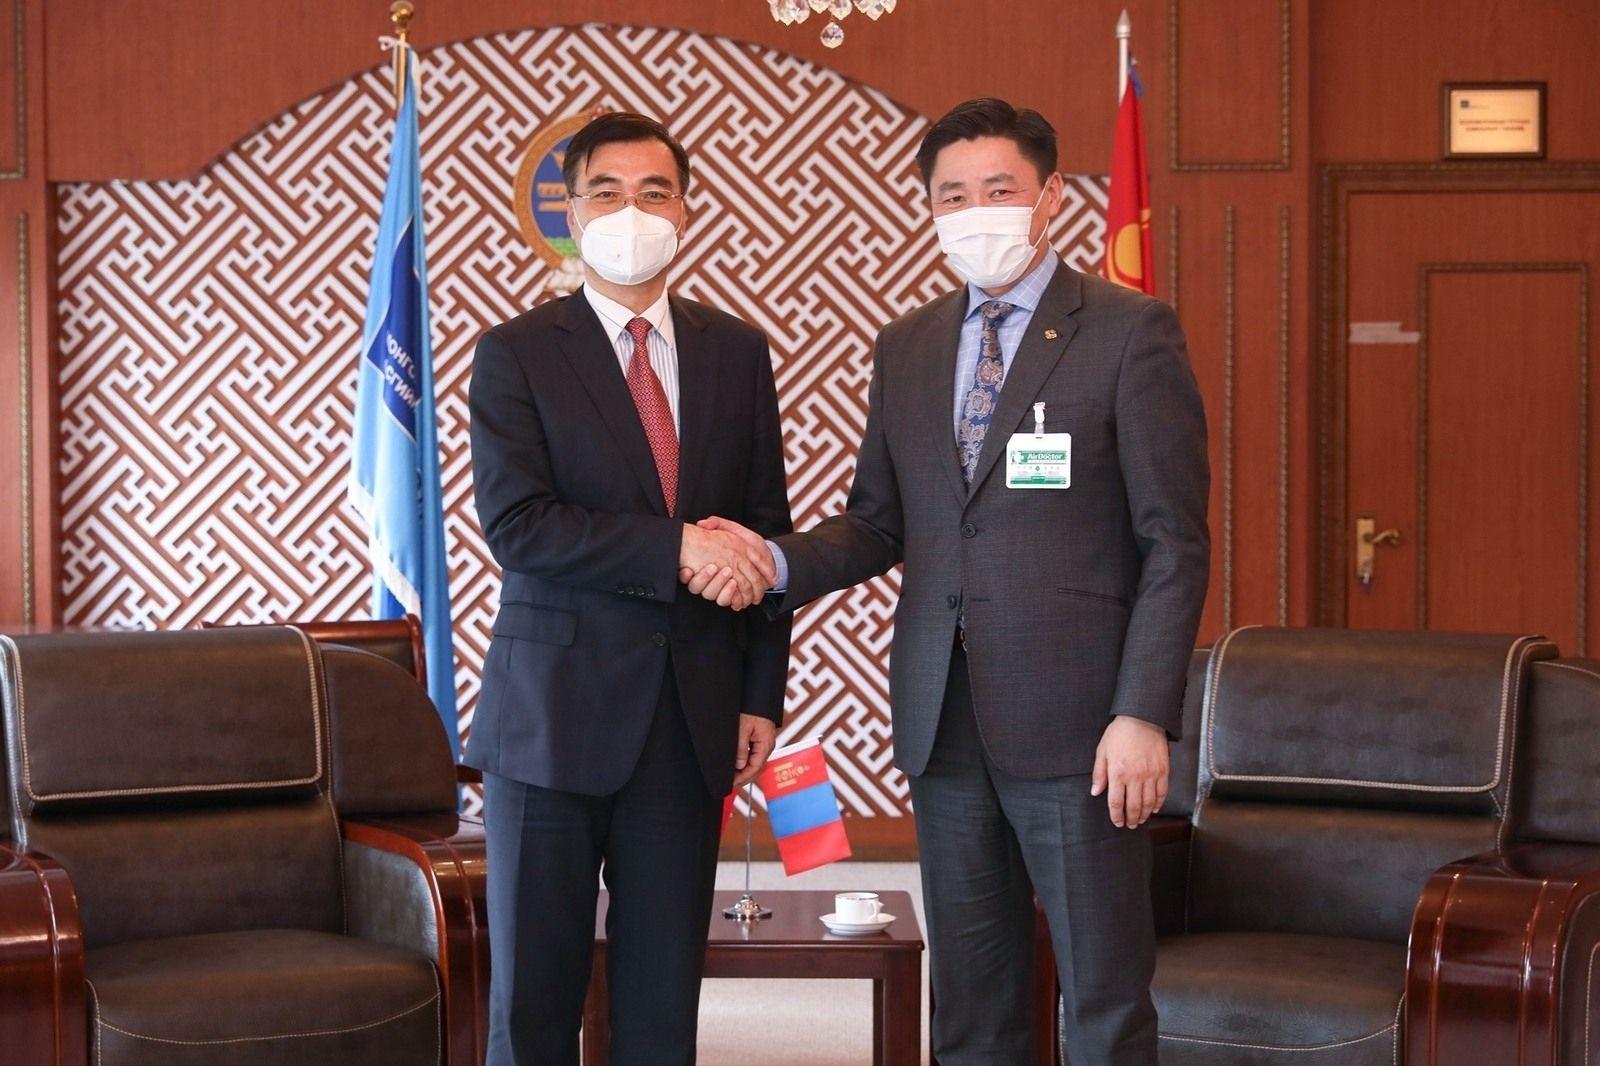 Монгол, Хятадын Солилцооны тусгай тэтгэлэгт хөтөлбөрийг таван жилээр сунгах талаар санал солилцов